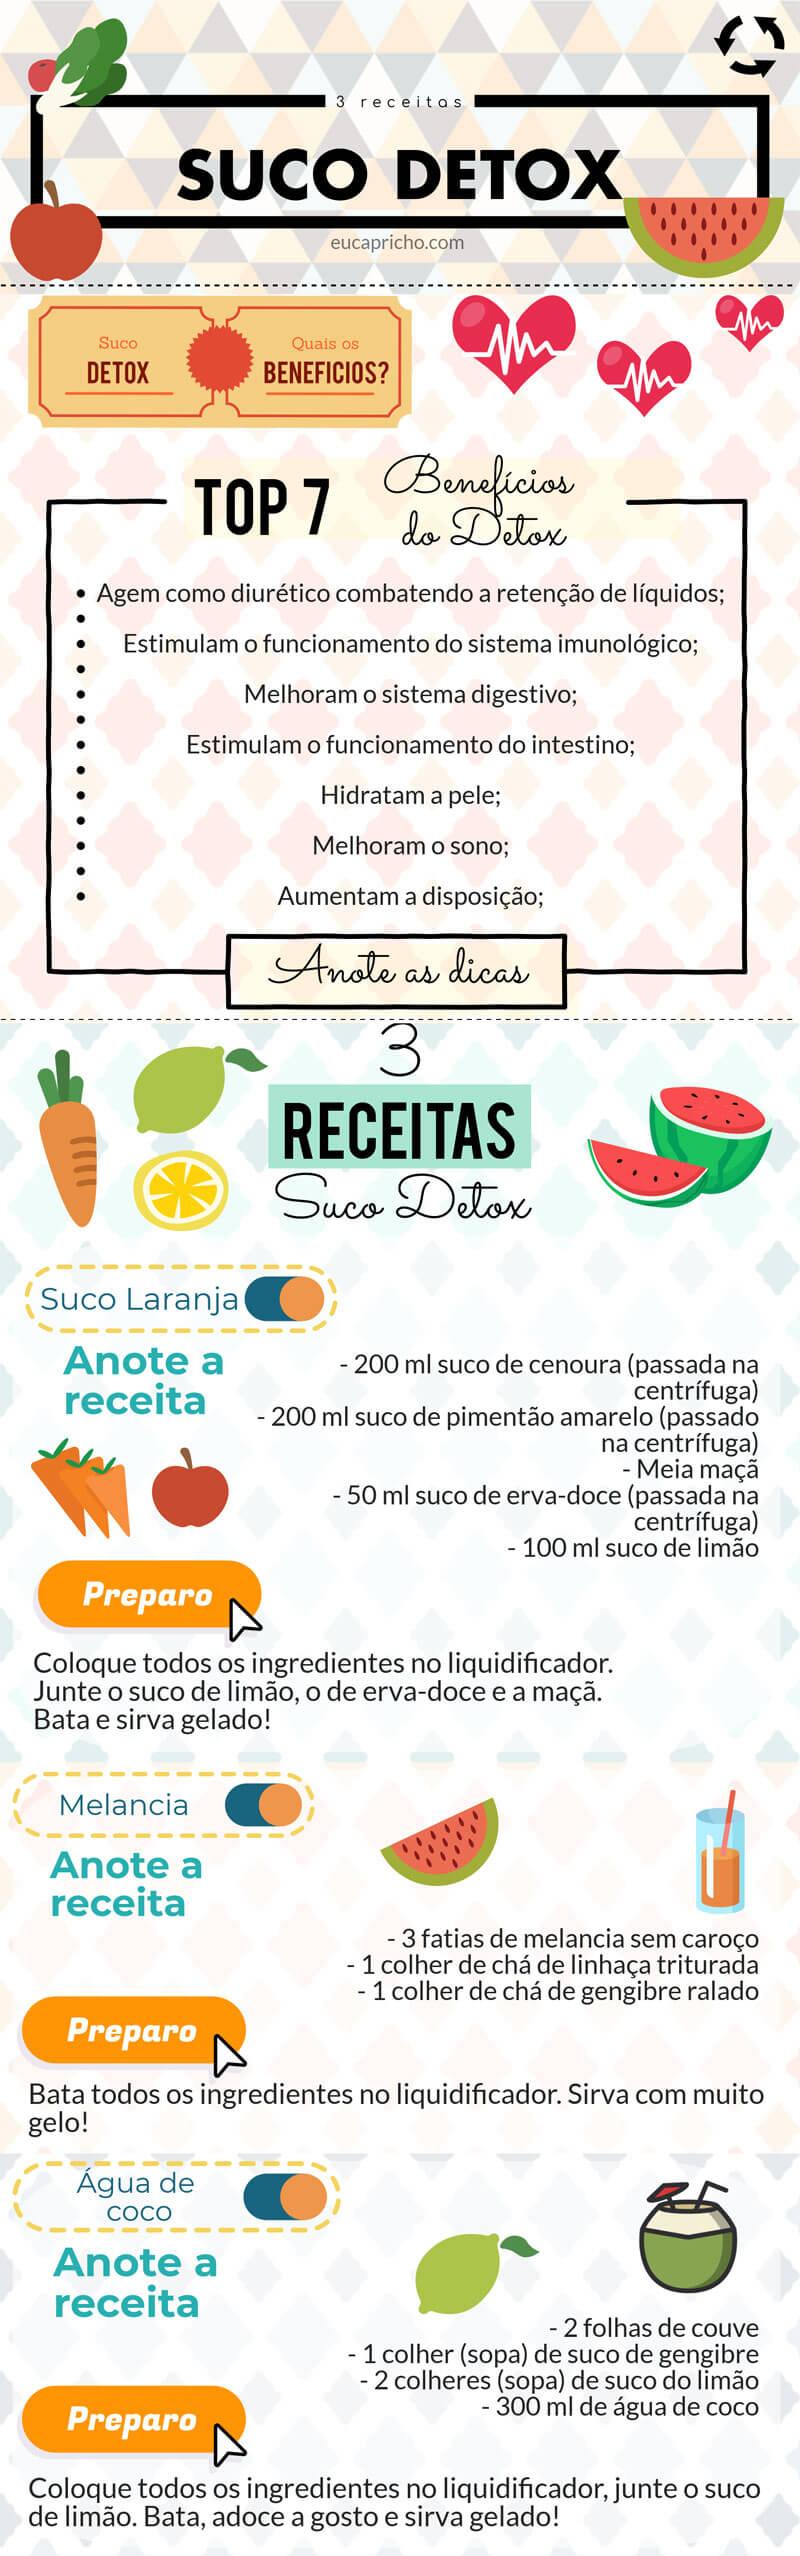 3 receitas de Suco Detox - 3 receitas poderosas e deliciosas de Suco Detox. Inclua essas delicias na sua dieta para melhores resultados.